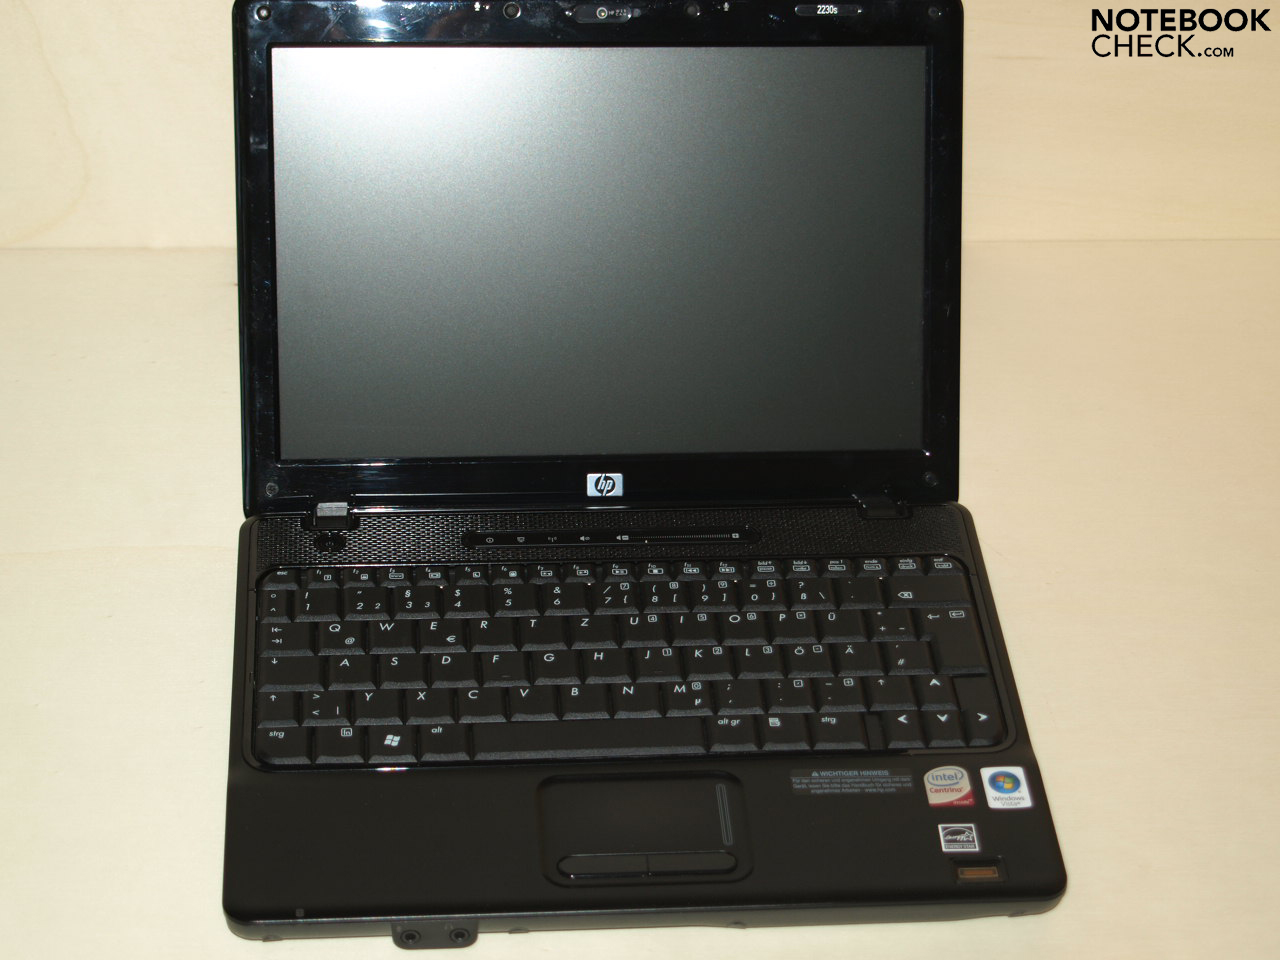 Drivers for HP Notebooks Marvell Yukon Gigabit Ethernet Controller